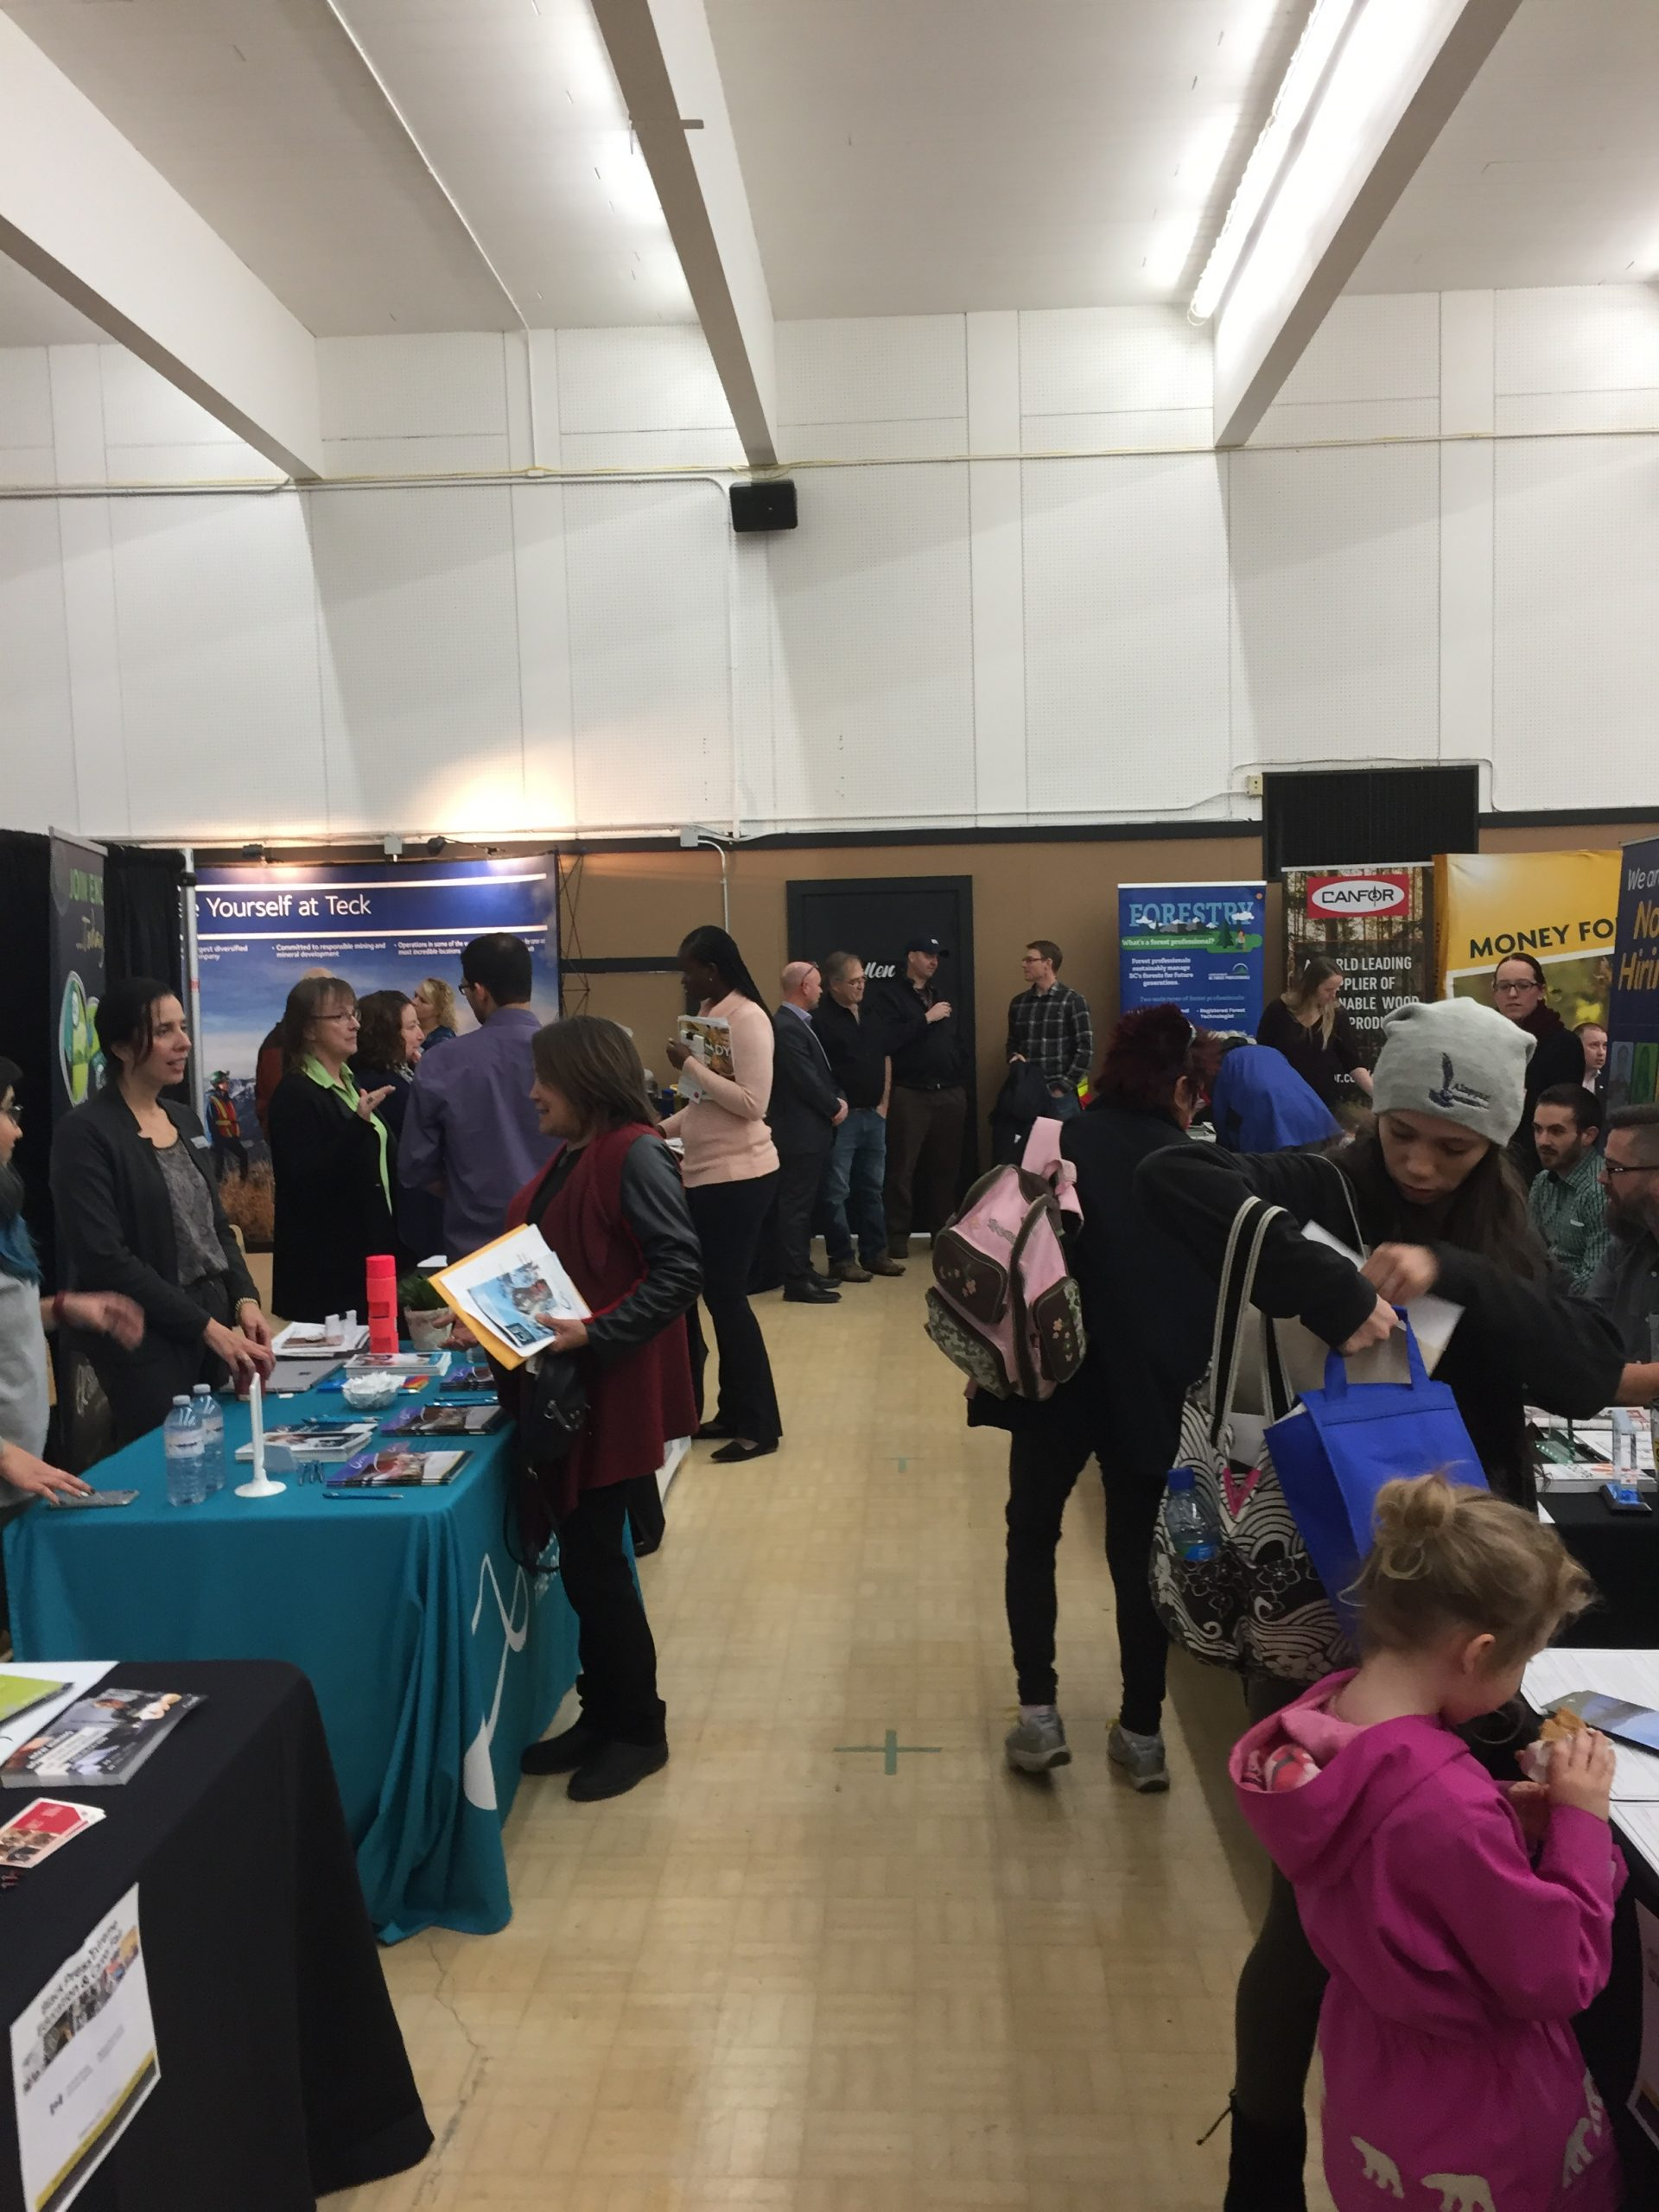 Job seekers given plenty of options at Job Fair in Cranbrook